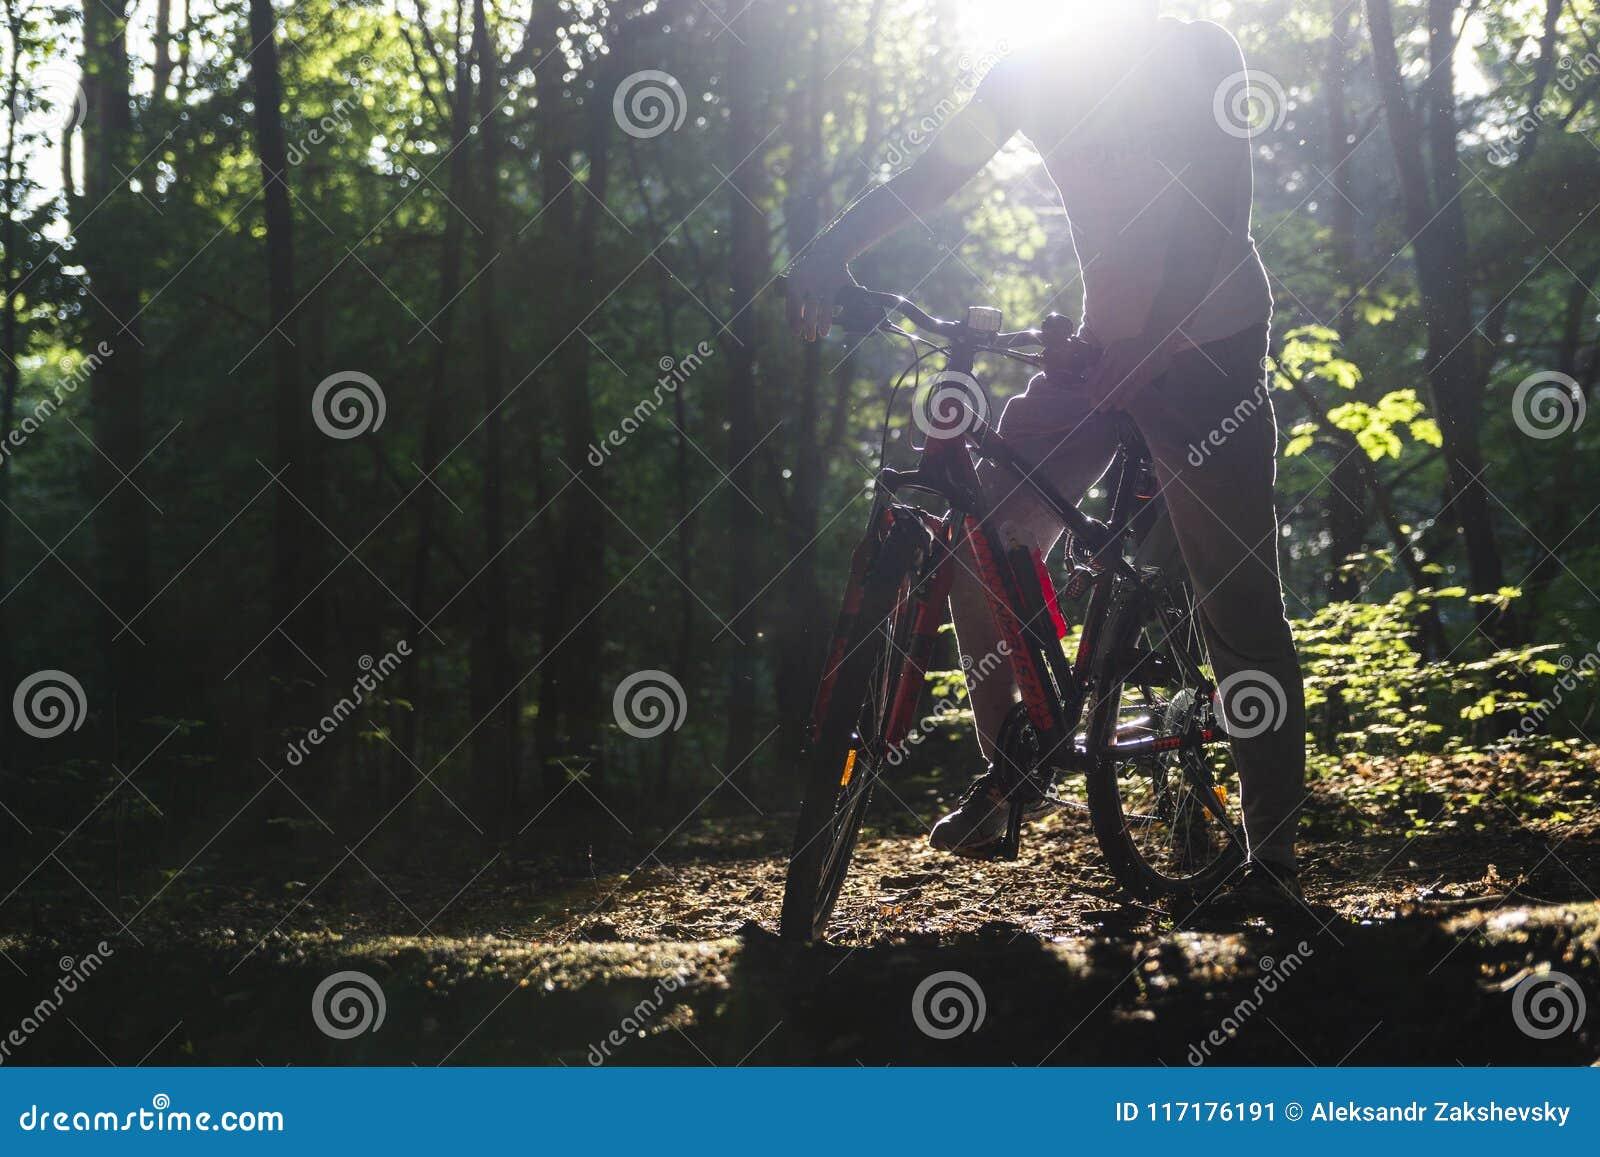 Δάσος αθλητικών ποδηλάτων την άνοιξη στις ακτίνες του φωτός του ήλιου